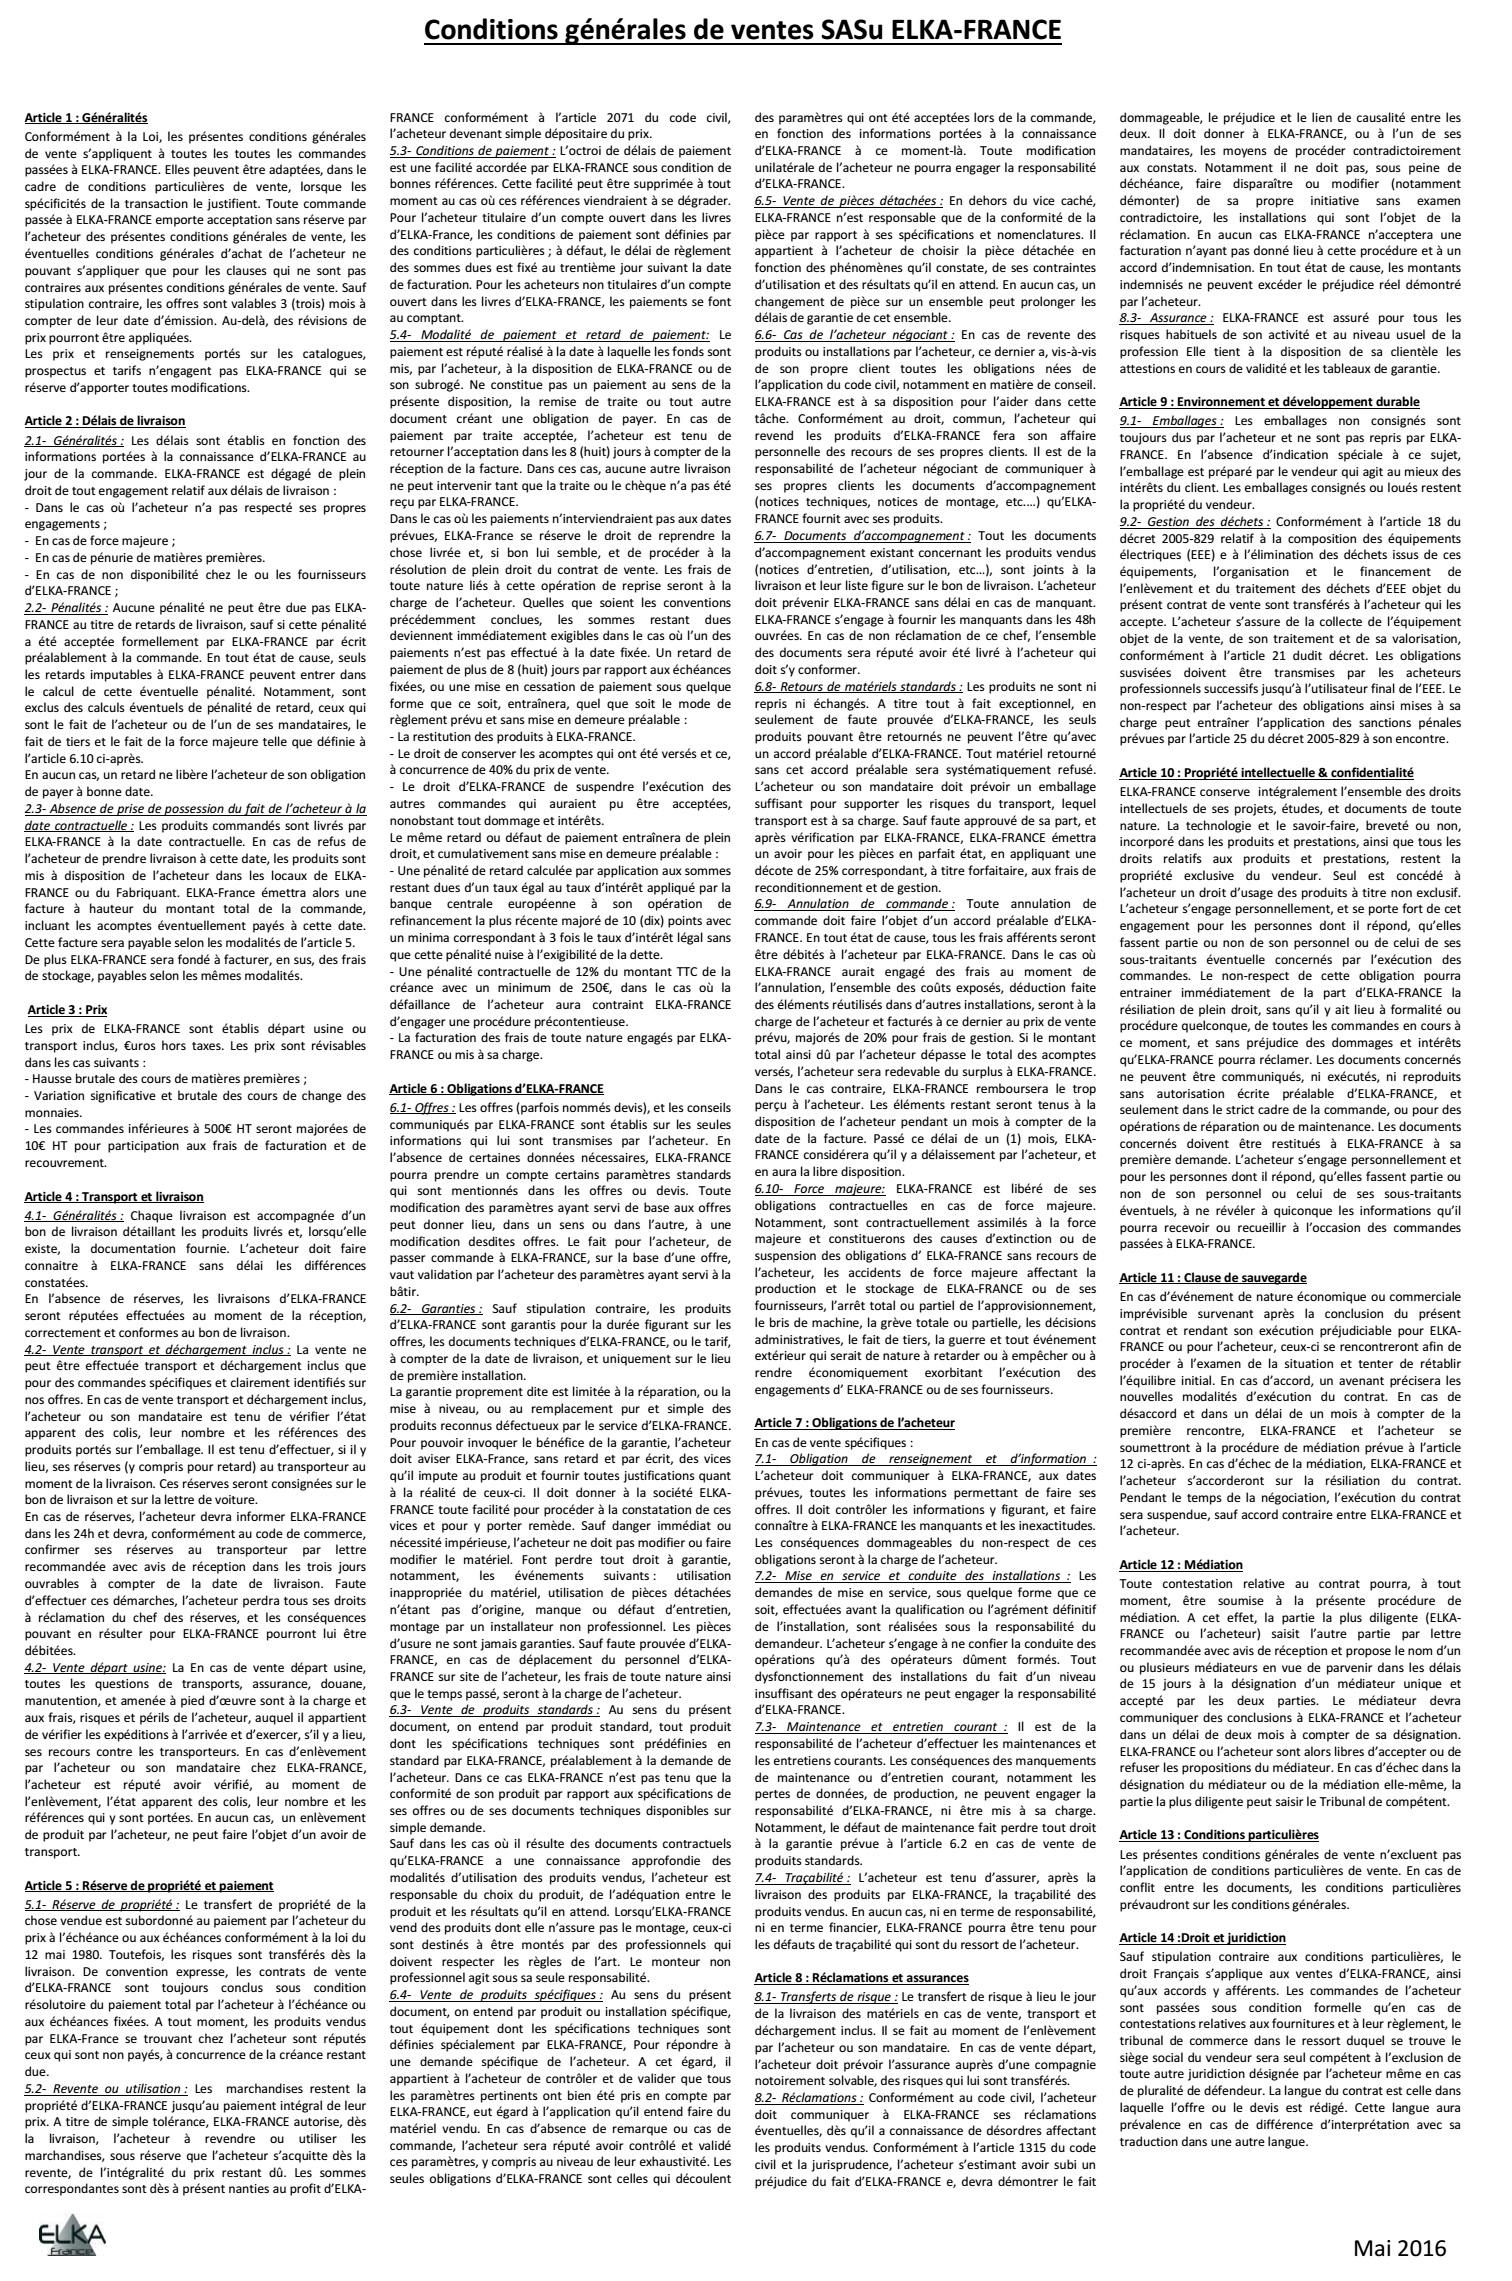 conditions-generales-de-ventes-sasu-elka-france